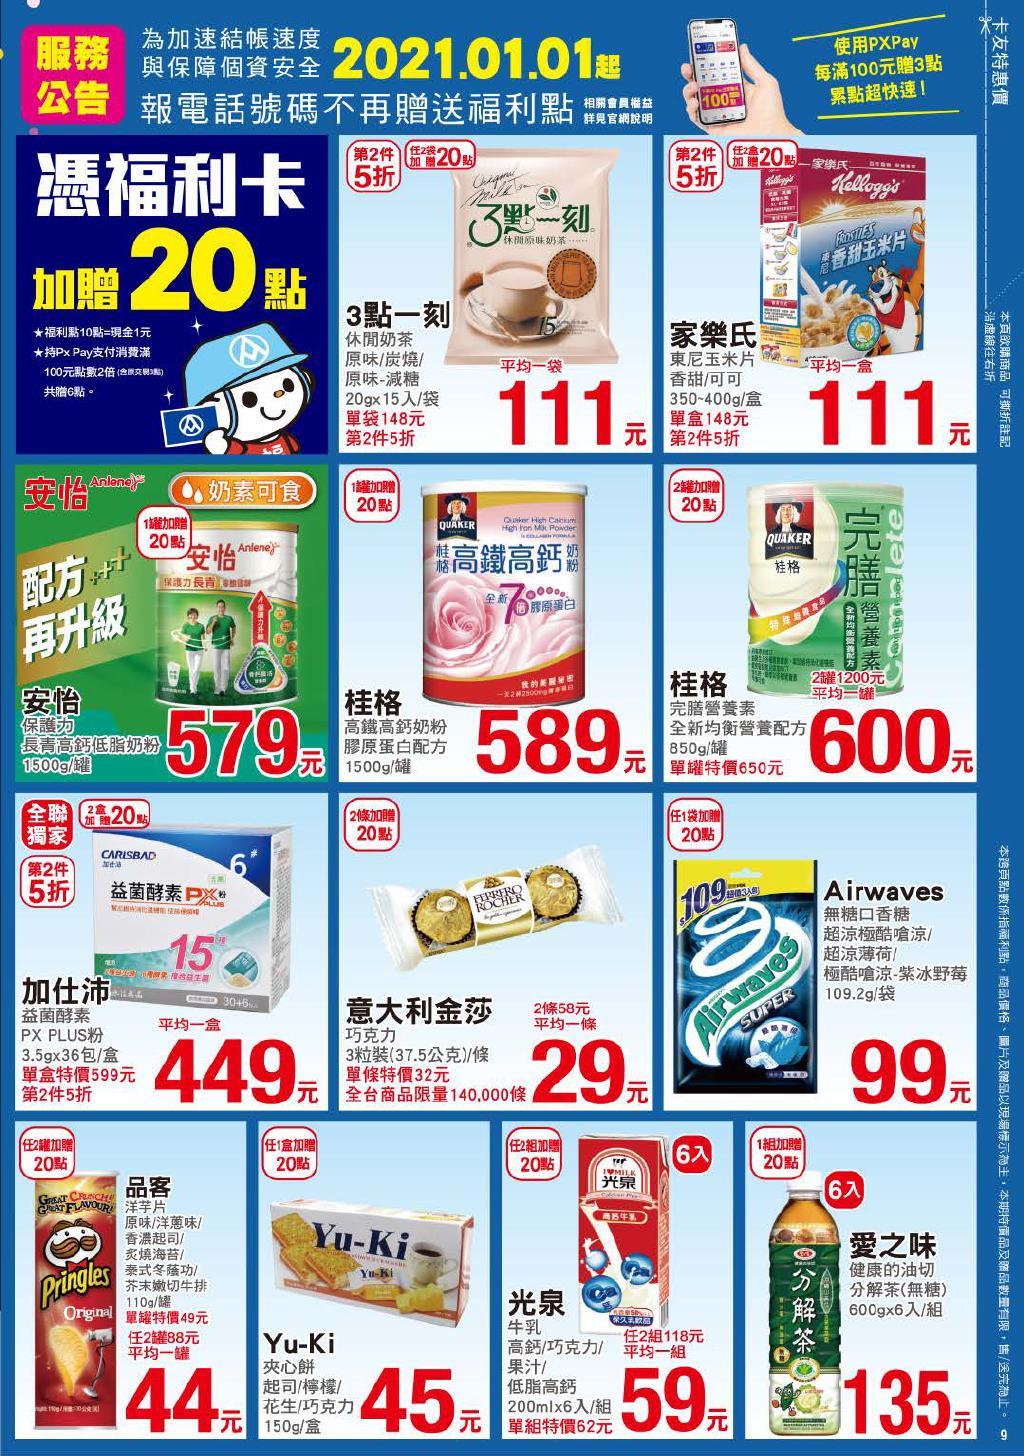 pxmart20210107_000009.jpg